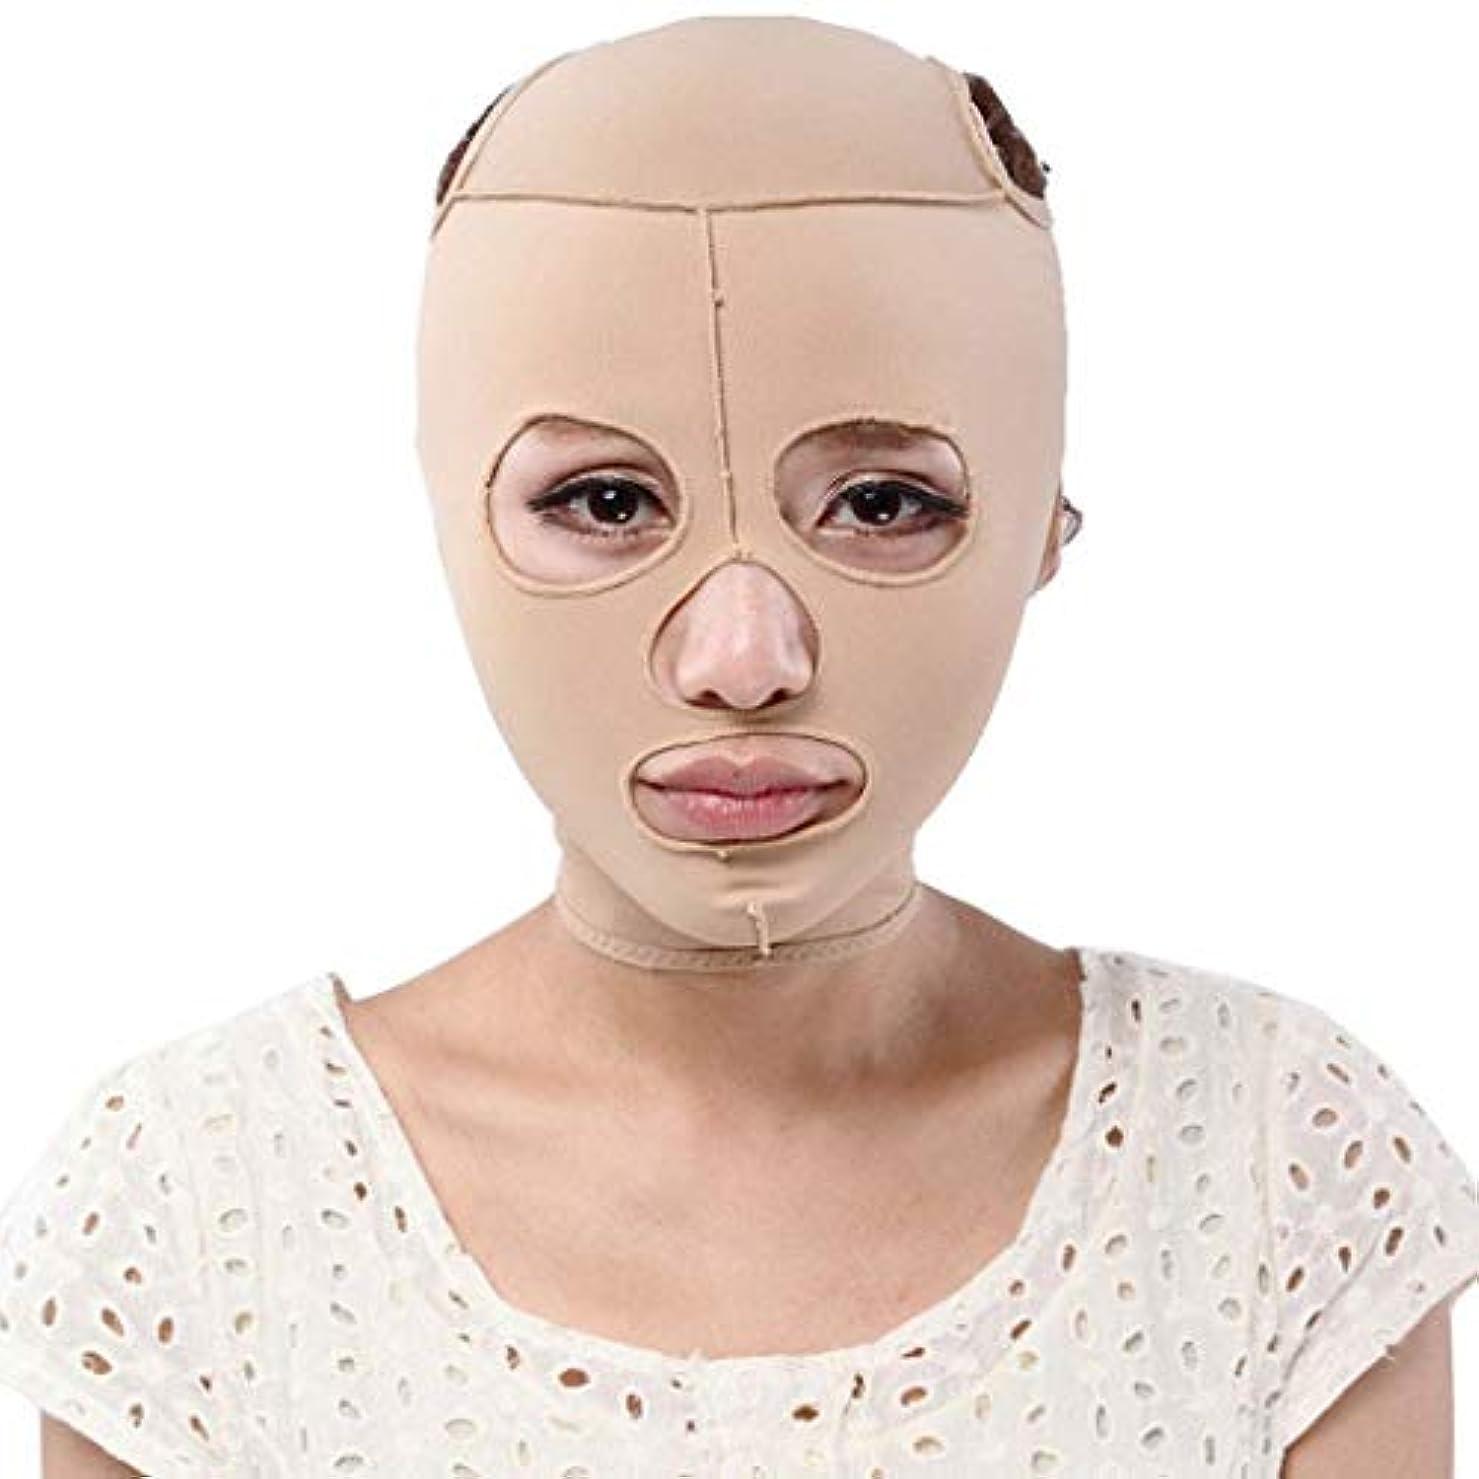 丁寧国家こどもの宮殿フェイシャルスリミングマスク、フェイスリフティング包帯Vフェイスリフティングおよびリフティング/チンブラッシュスリムボディリダクションダブルチン減量包帯通気性、肌(XL) (S)